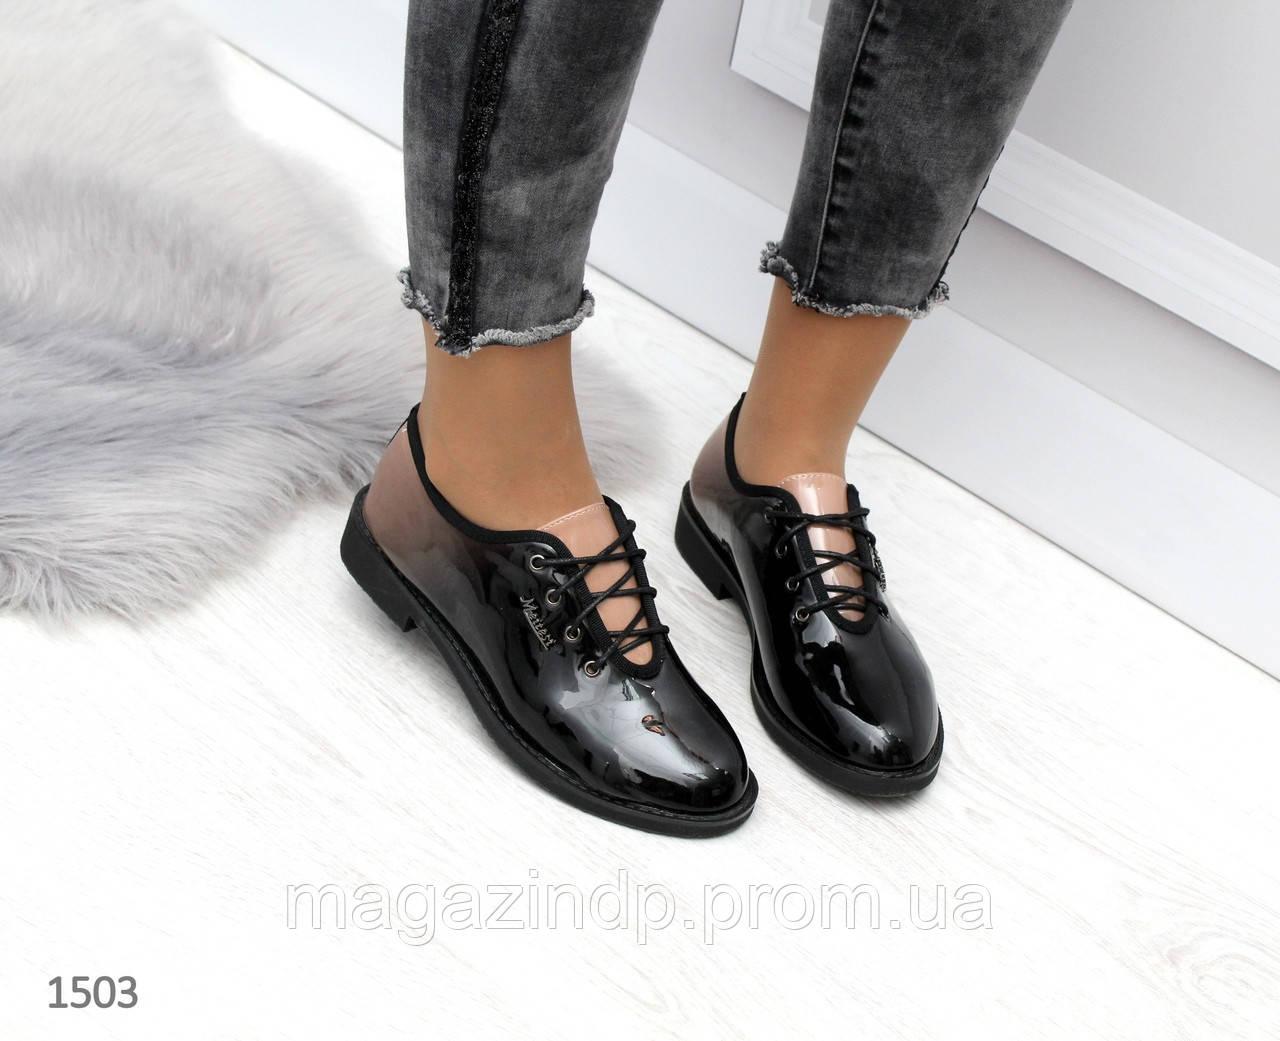 Женские туфли на шнуровке обмре 41 р-р Код:973683323